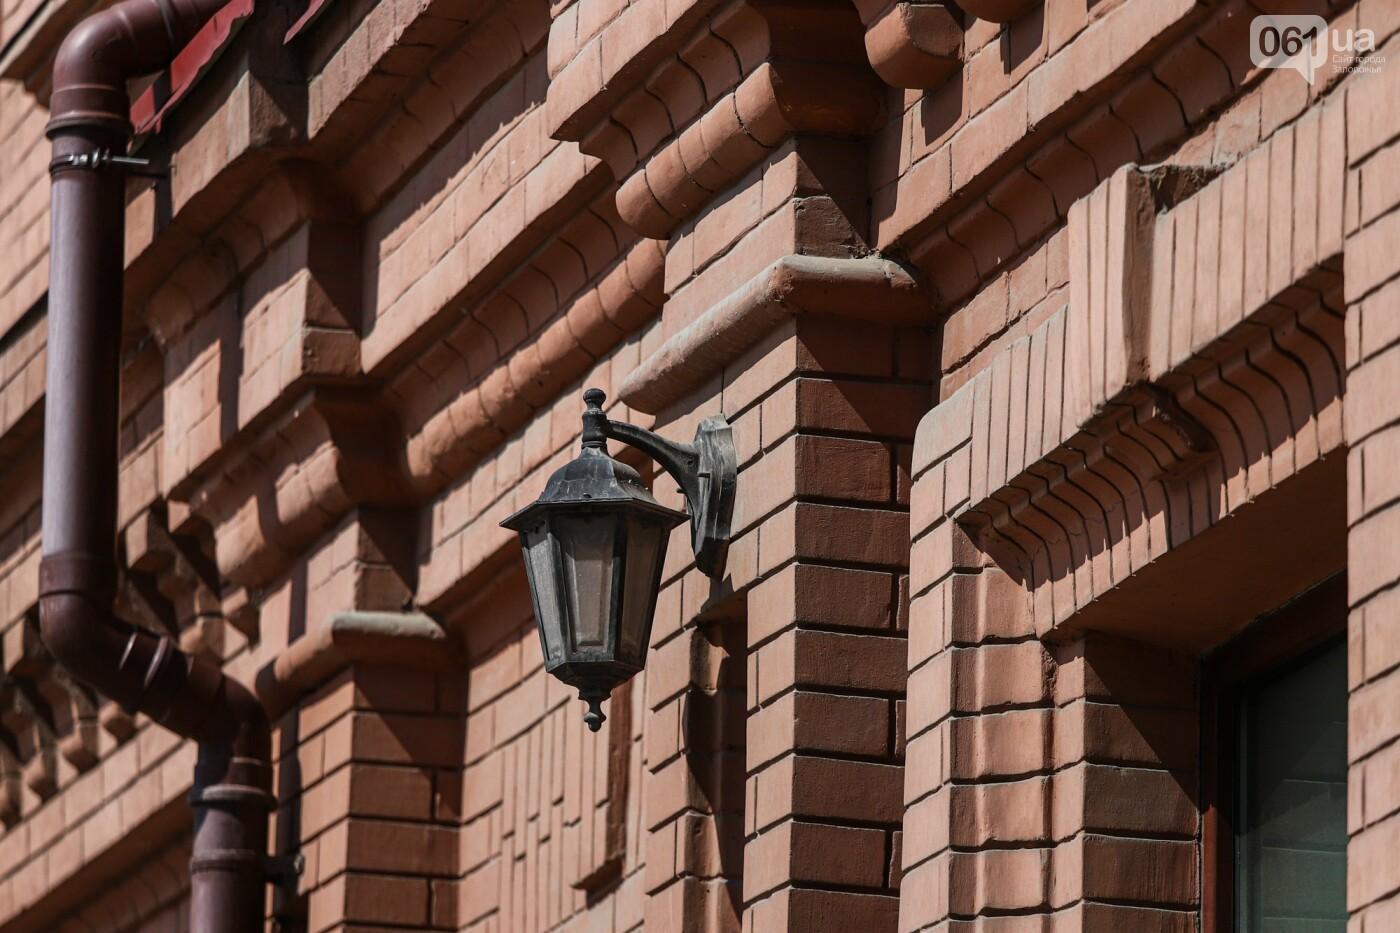 Памятники Старого Александровска: как сейчас выглядит доходный дом Регирера, - ФОТО, фото-11